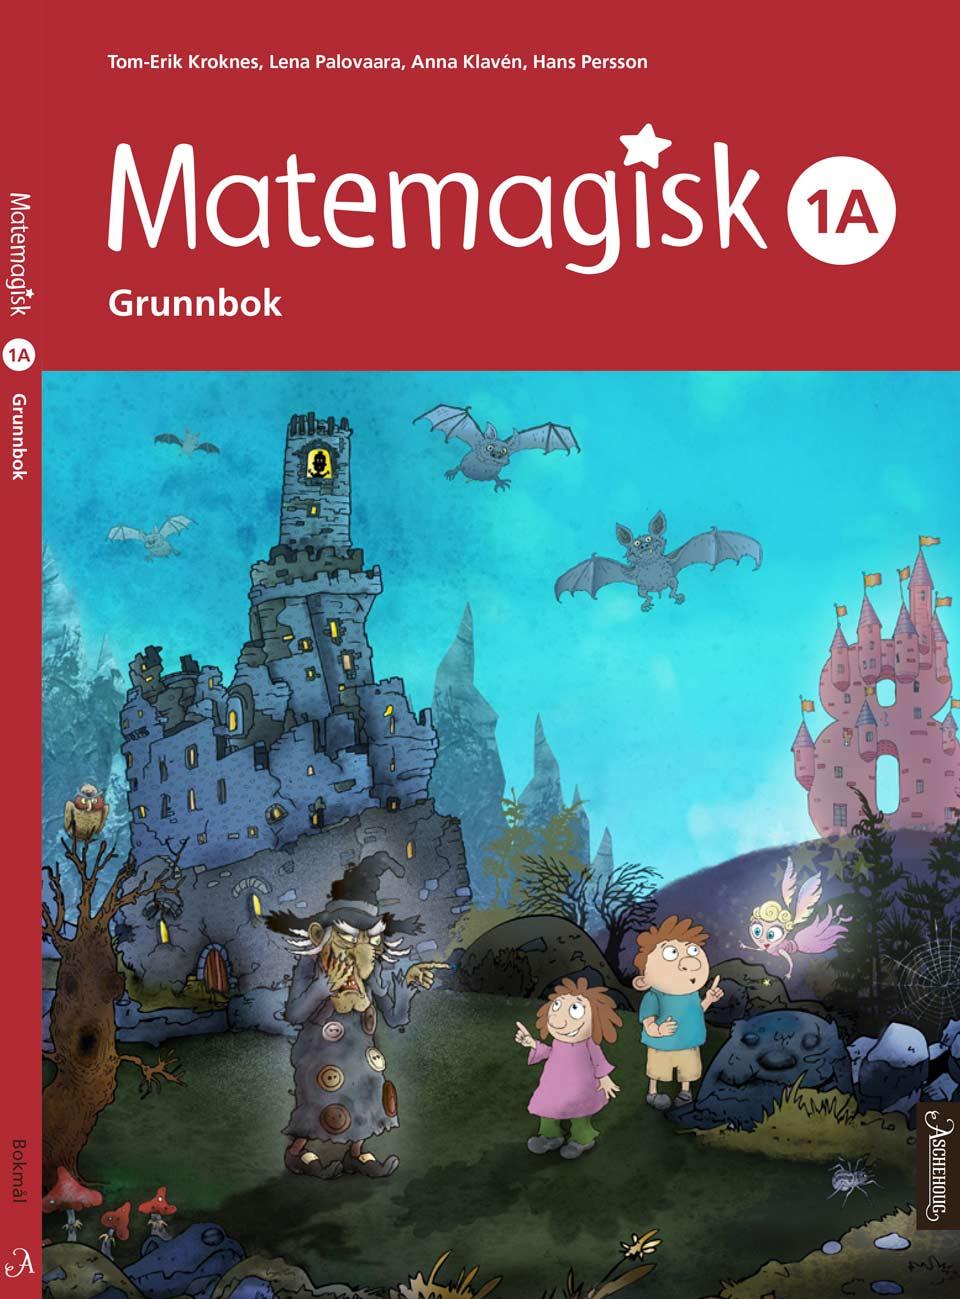 illustrasjon_erik_matemagisk1A.jpg